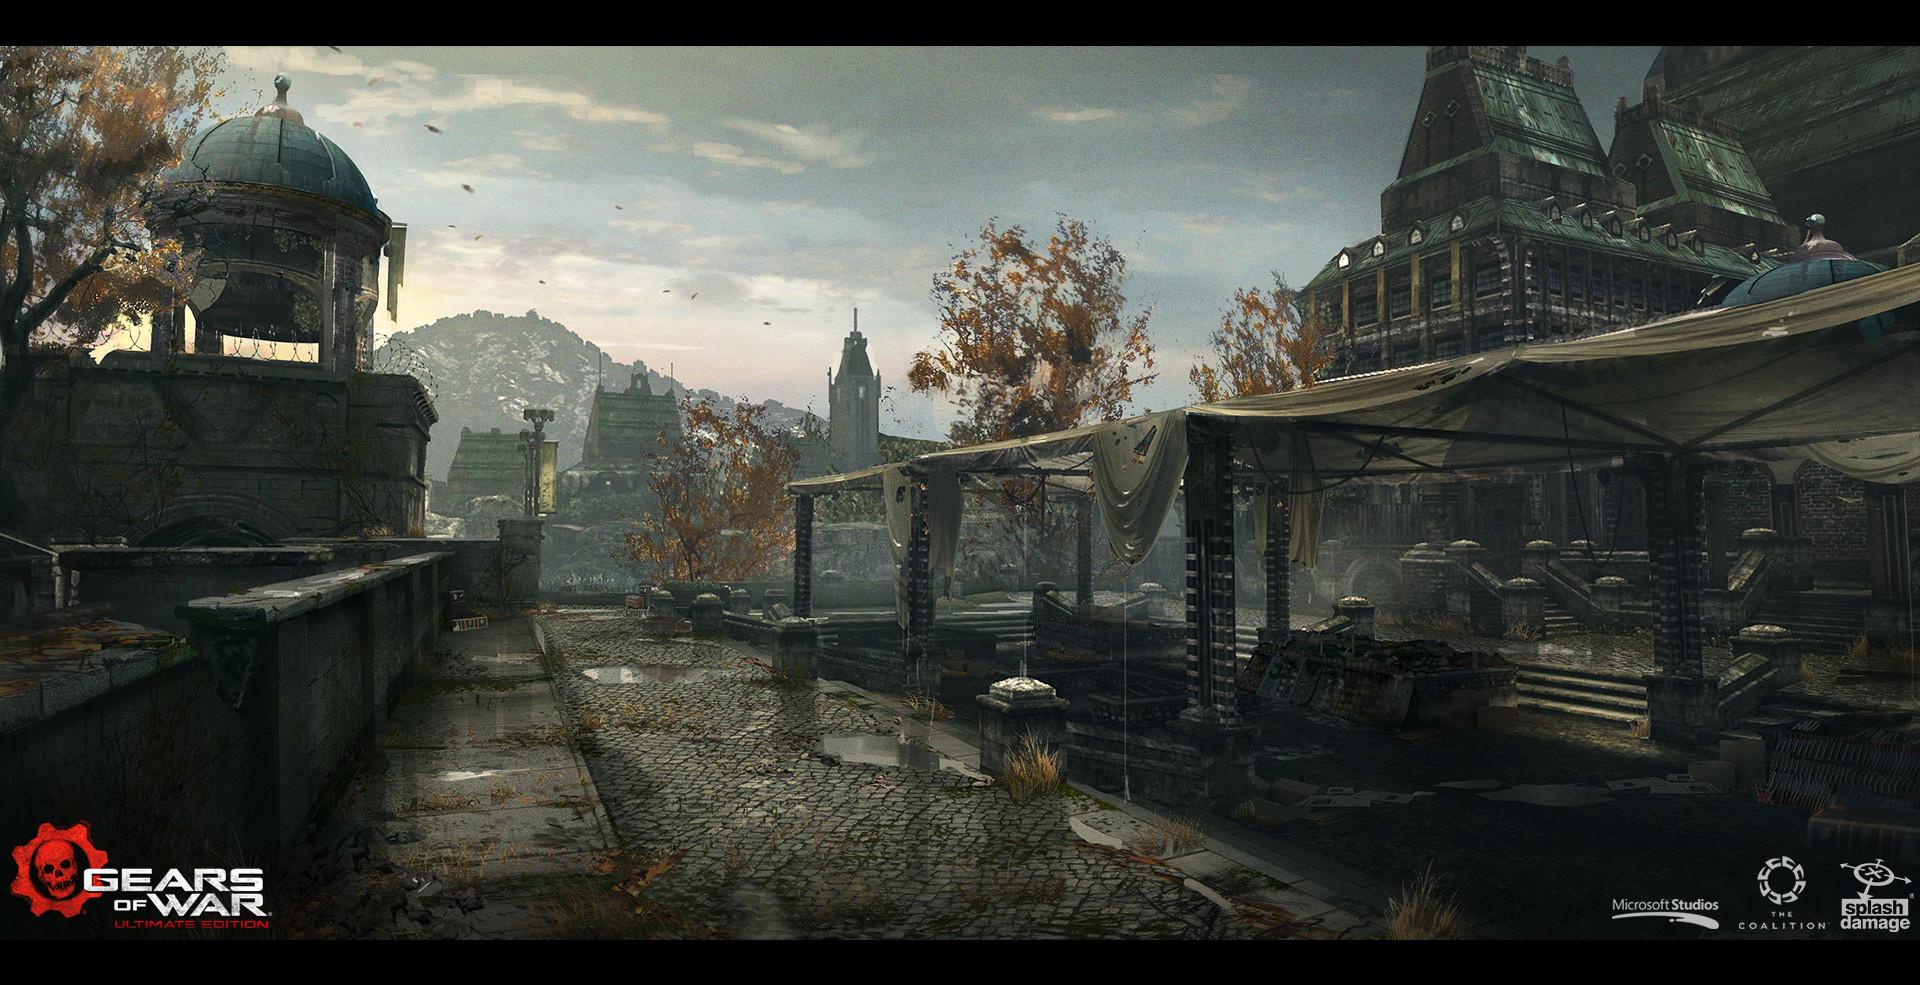 Gears of War - Concept Art - Adam Baines